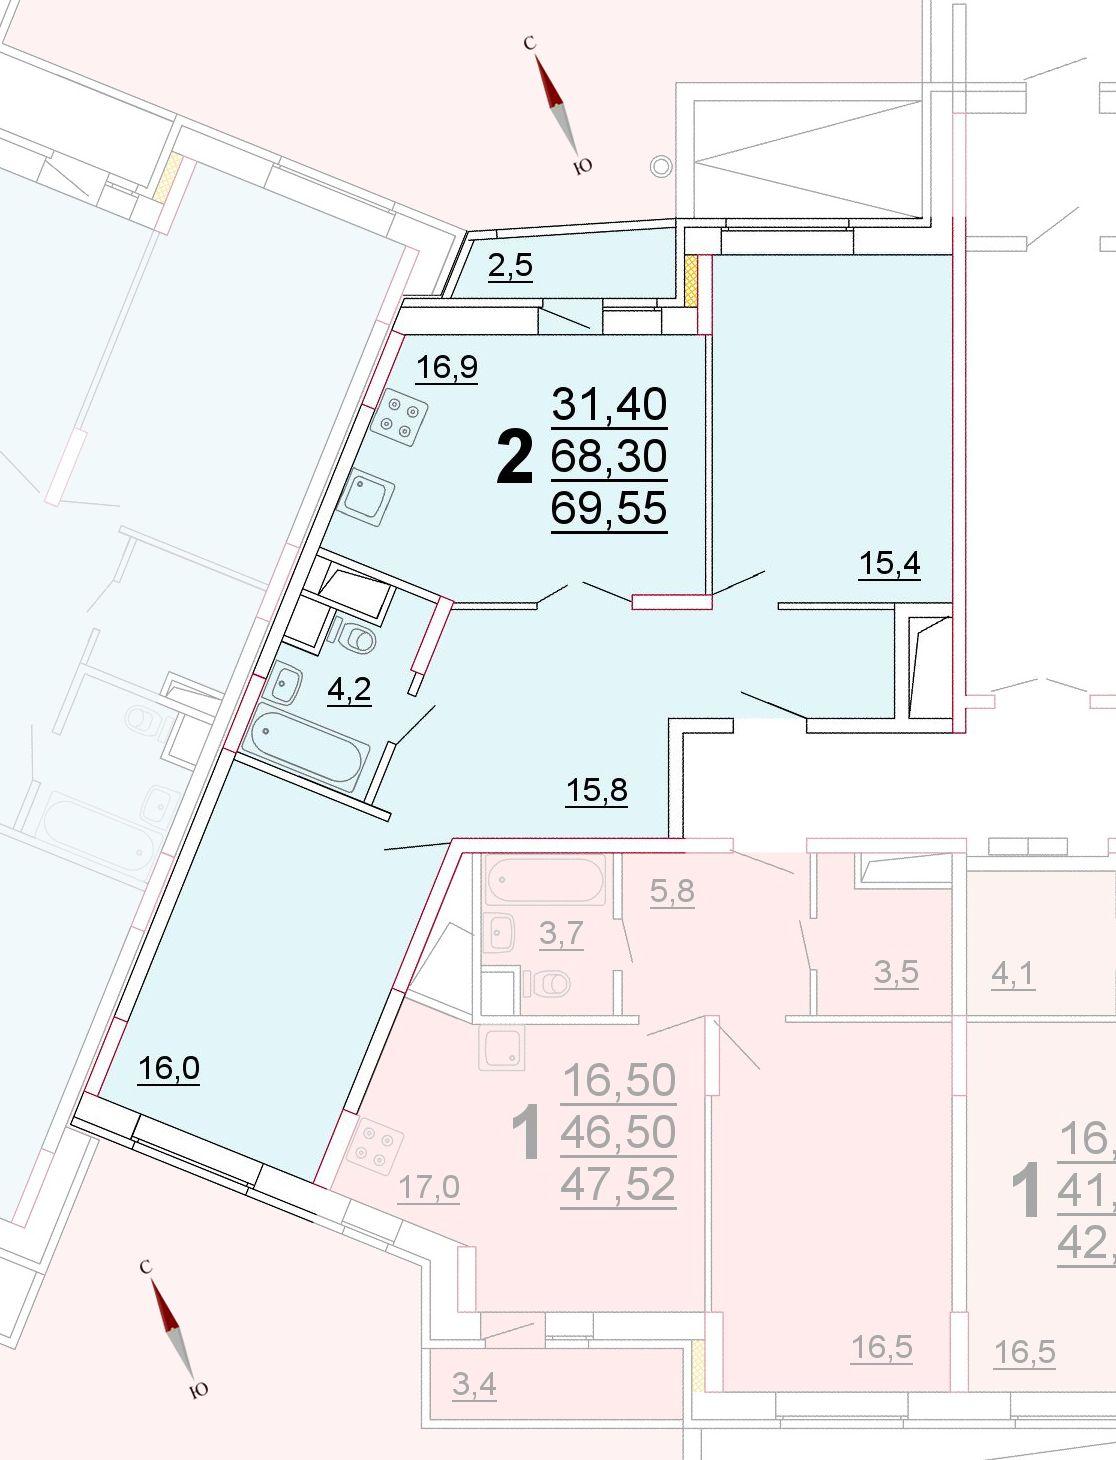 Микрорайон «Центральный», корпус 52г, секция 3, квартира 69,55 м2